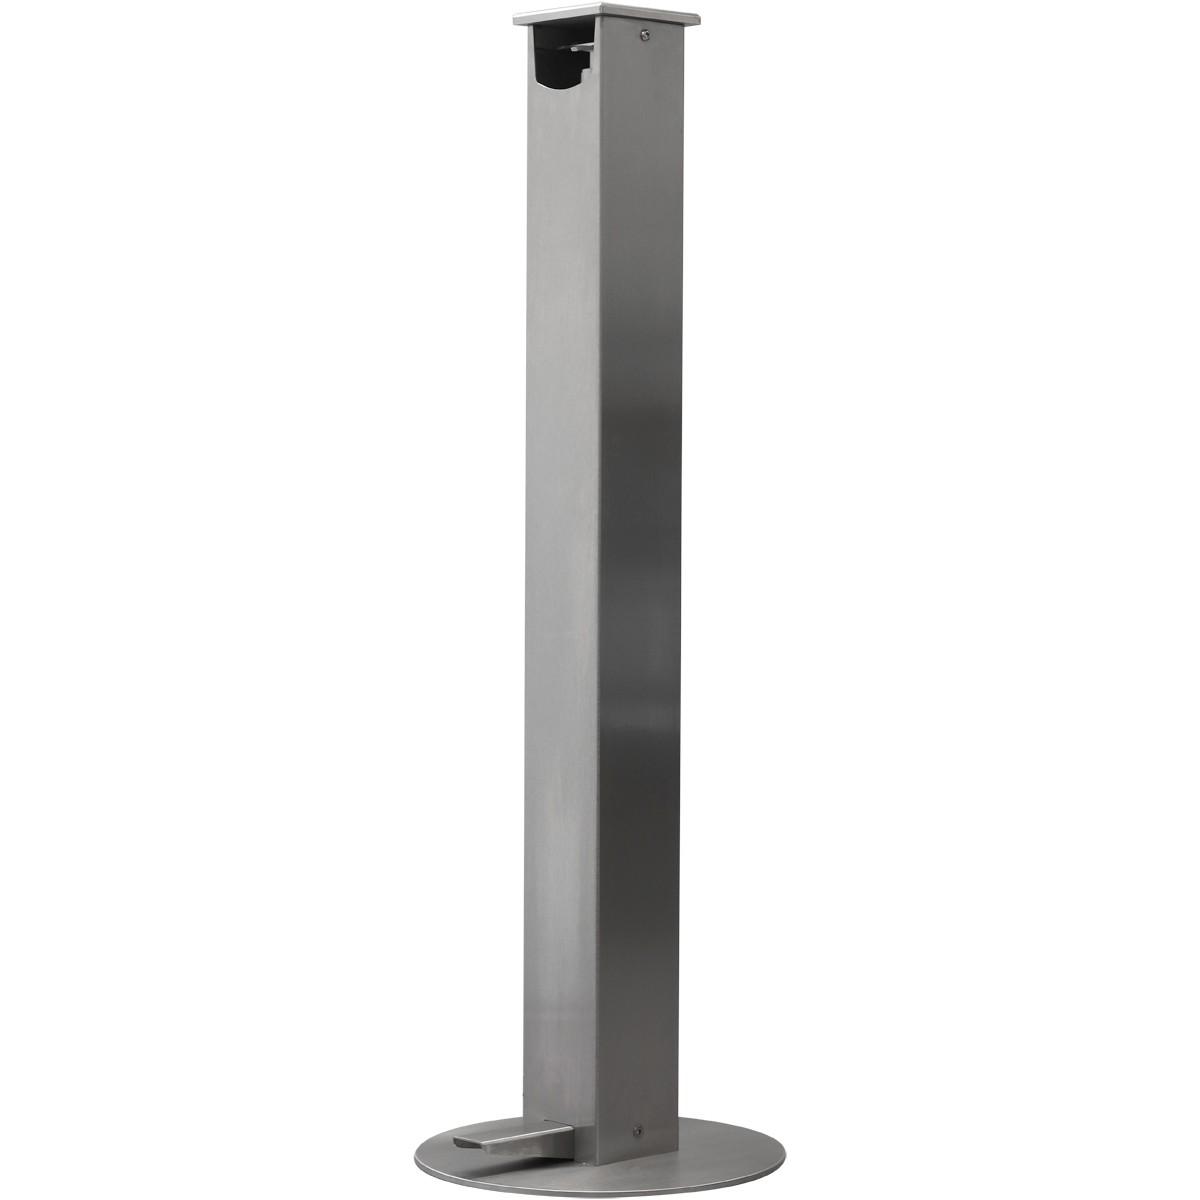 Distributeur de gel the tower sans contact avec 1 flacon de gel